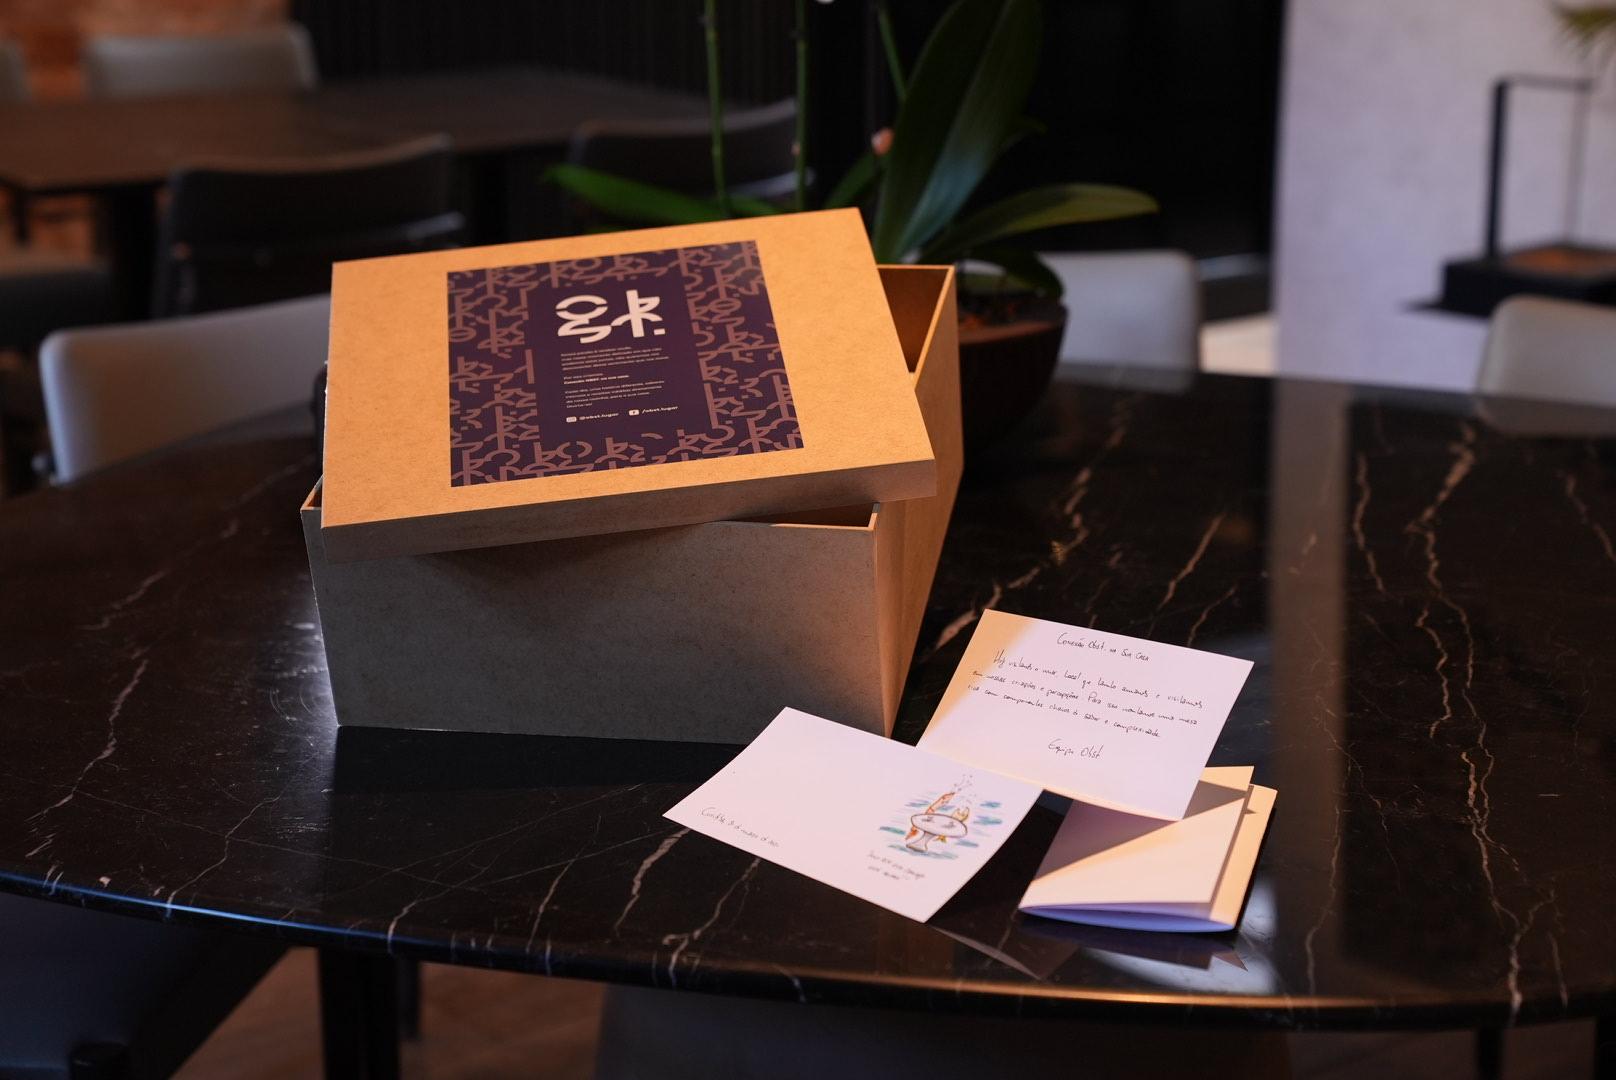 O menu degustação de Lênin Palhano é entregue em caixa personalizada. Foto: Estanis Neto